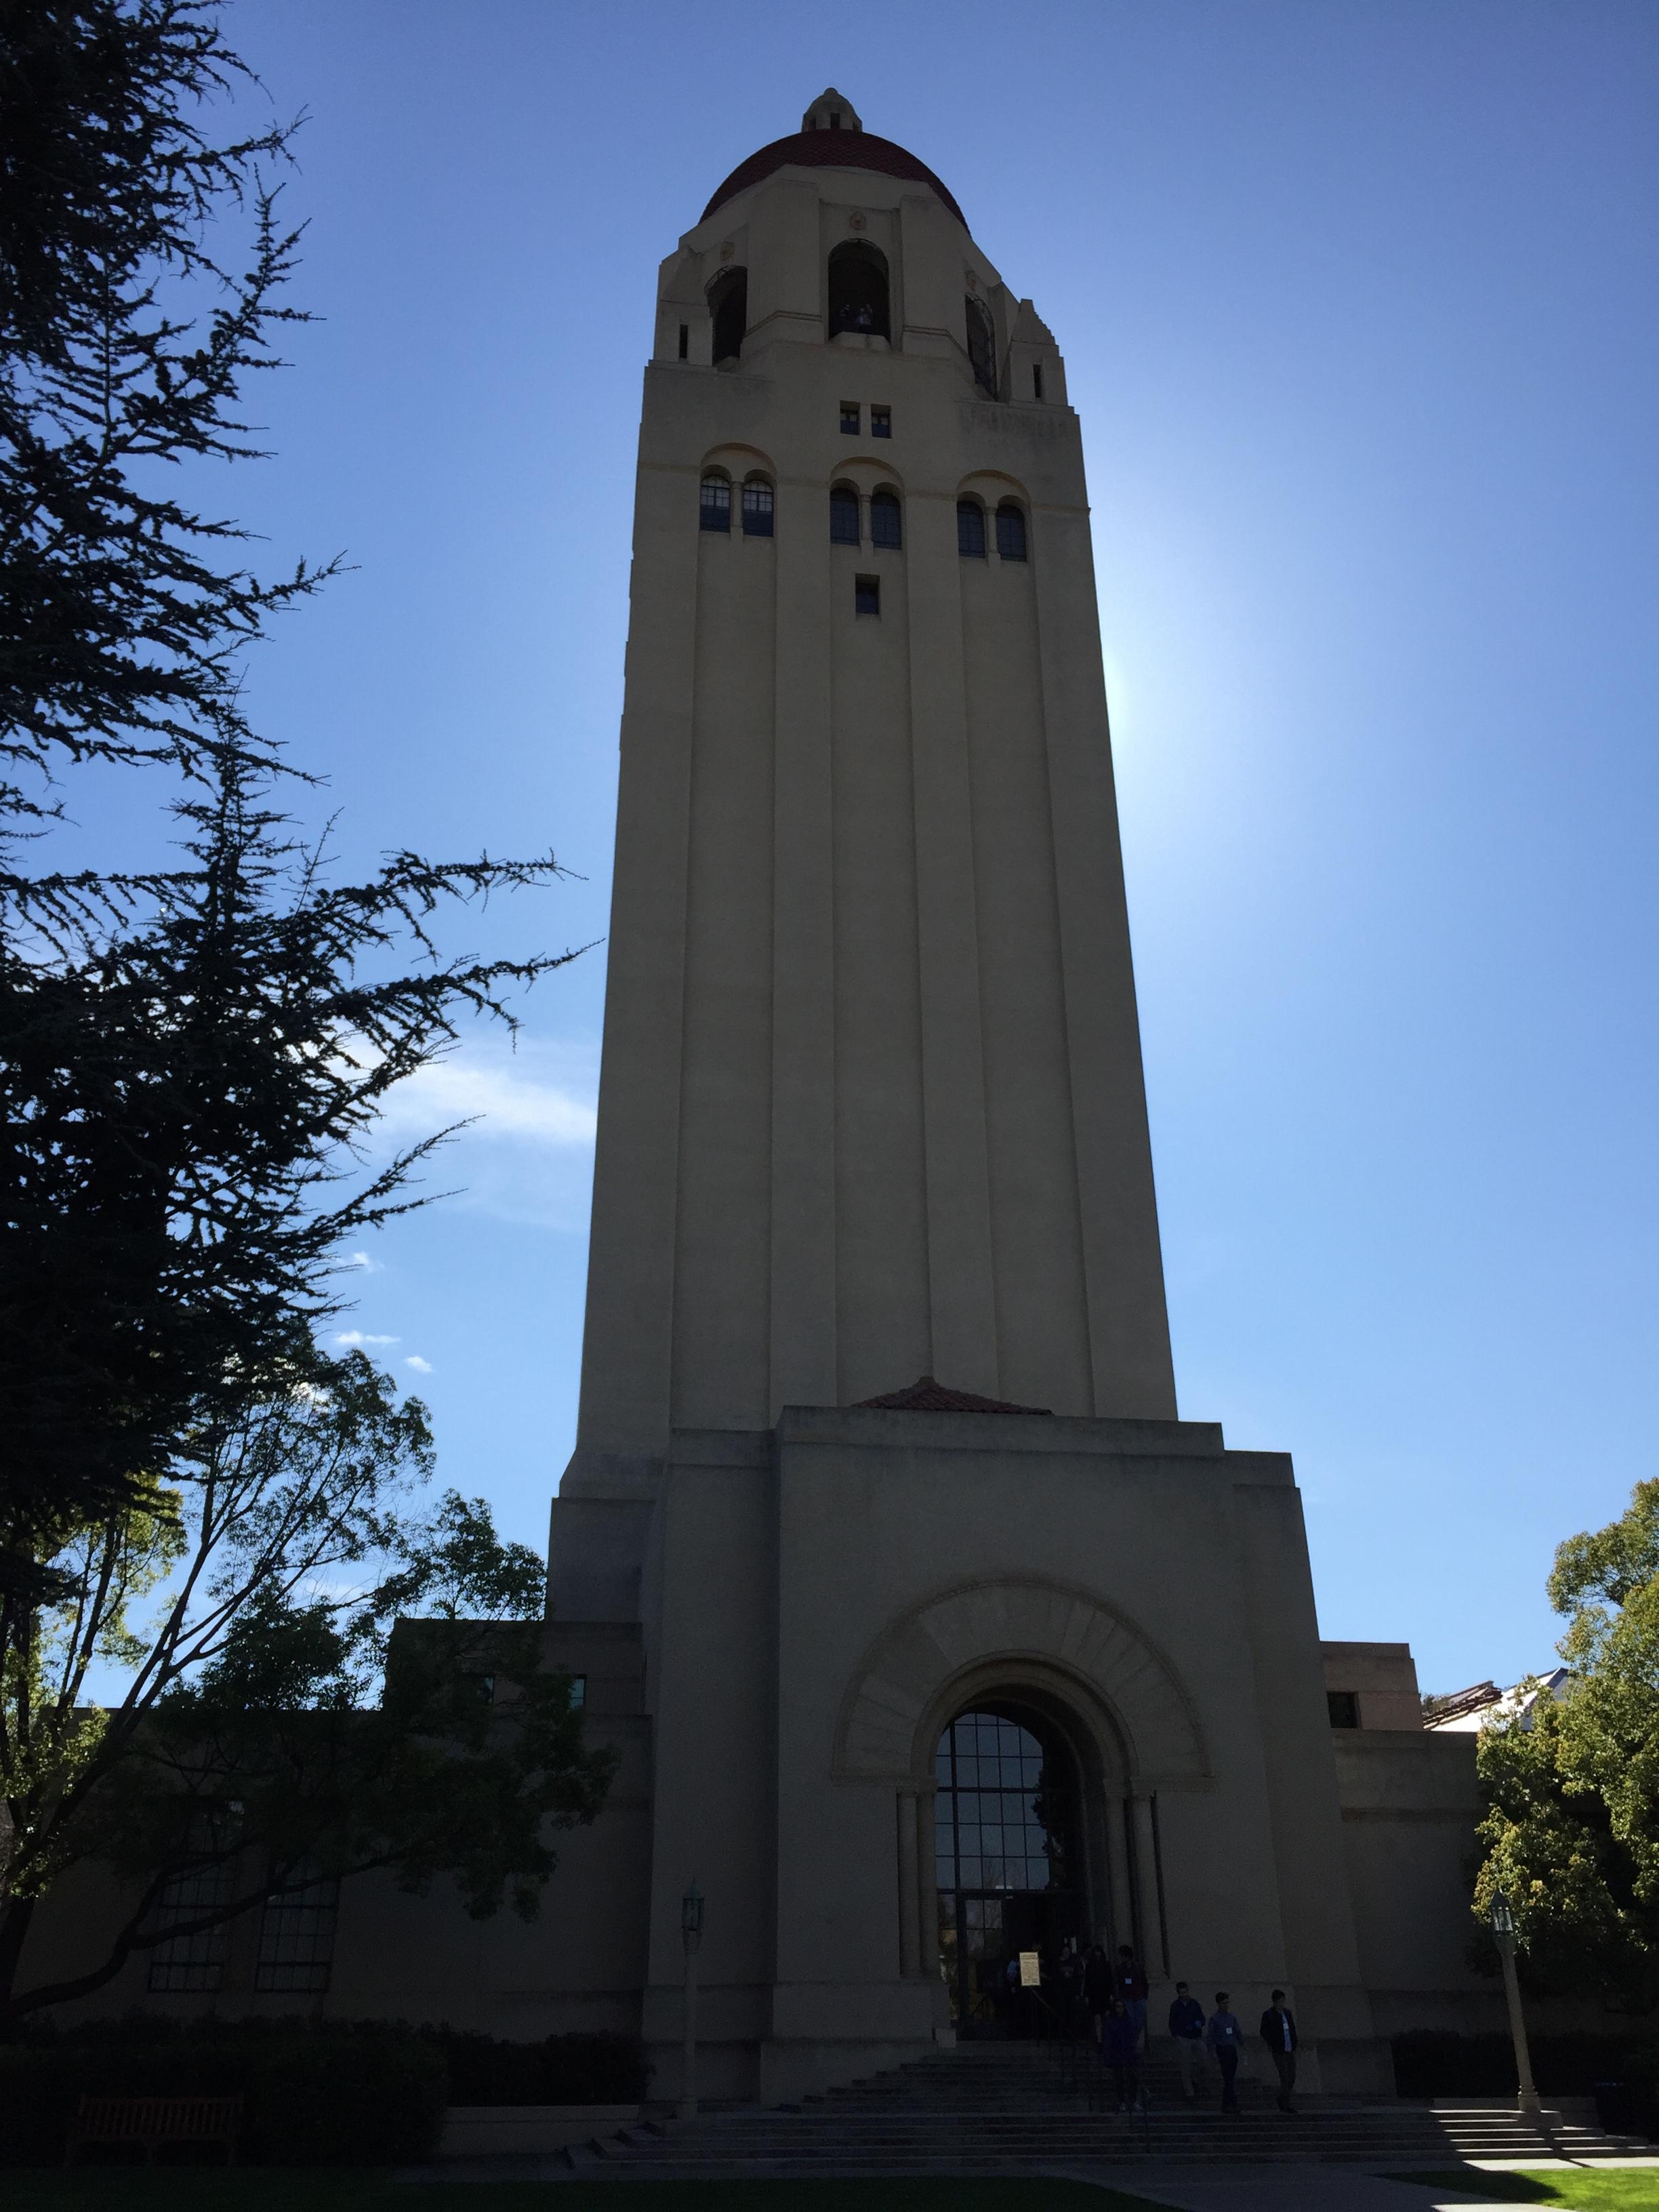 Iconic Hoover Institution Observation Platform